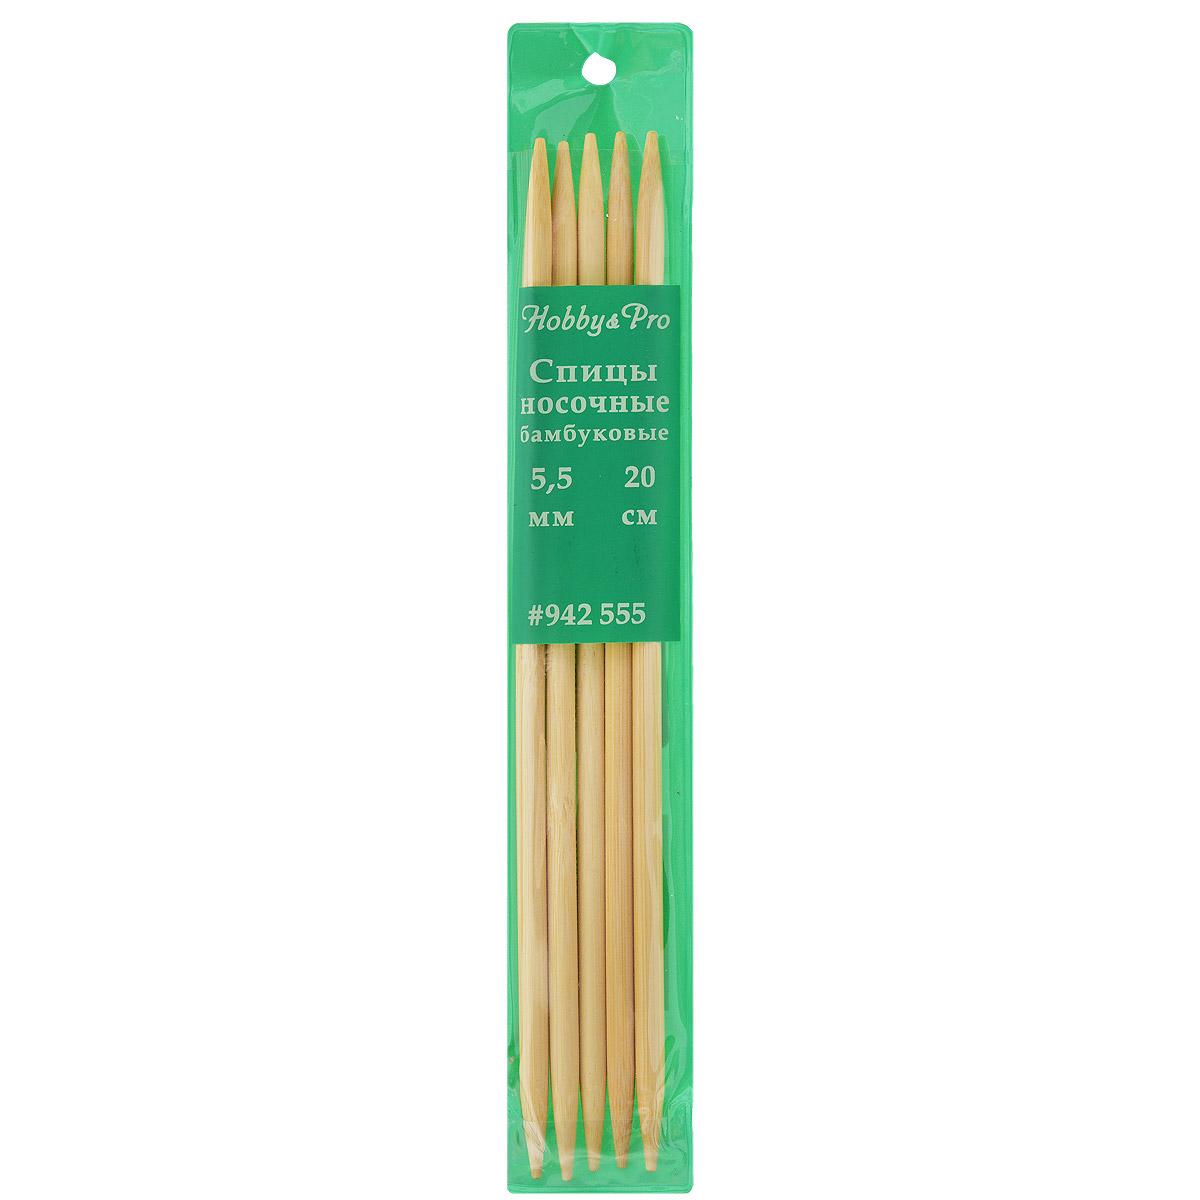 Спицы носочные Hobby & Pro, бамбуковые, прямые, диаметр 5,5 мм, длина 20 см, 5 шт7700993Спицы для вязания Hobby & Pro изготовлены из натурального бамбука. Спицы прочные, легкие, гладкие, удобные в использовании. Кончики спиц закругленные. Спицы без ограничителей предназначены для вязания шапочек, варежек и носков. Вы сможете вязать для себя и делать подарки друзьям. Рукоделие всегда считалось изысканным, благородным делом. Работа, сделанная своими руками, долго будет радовать вас и ваших близких.